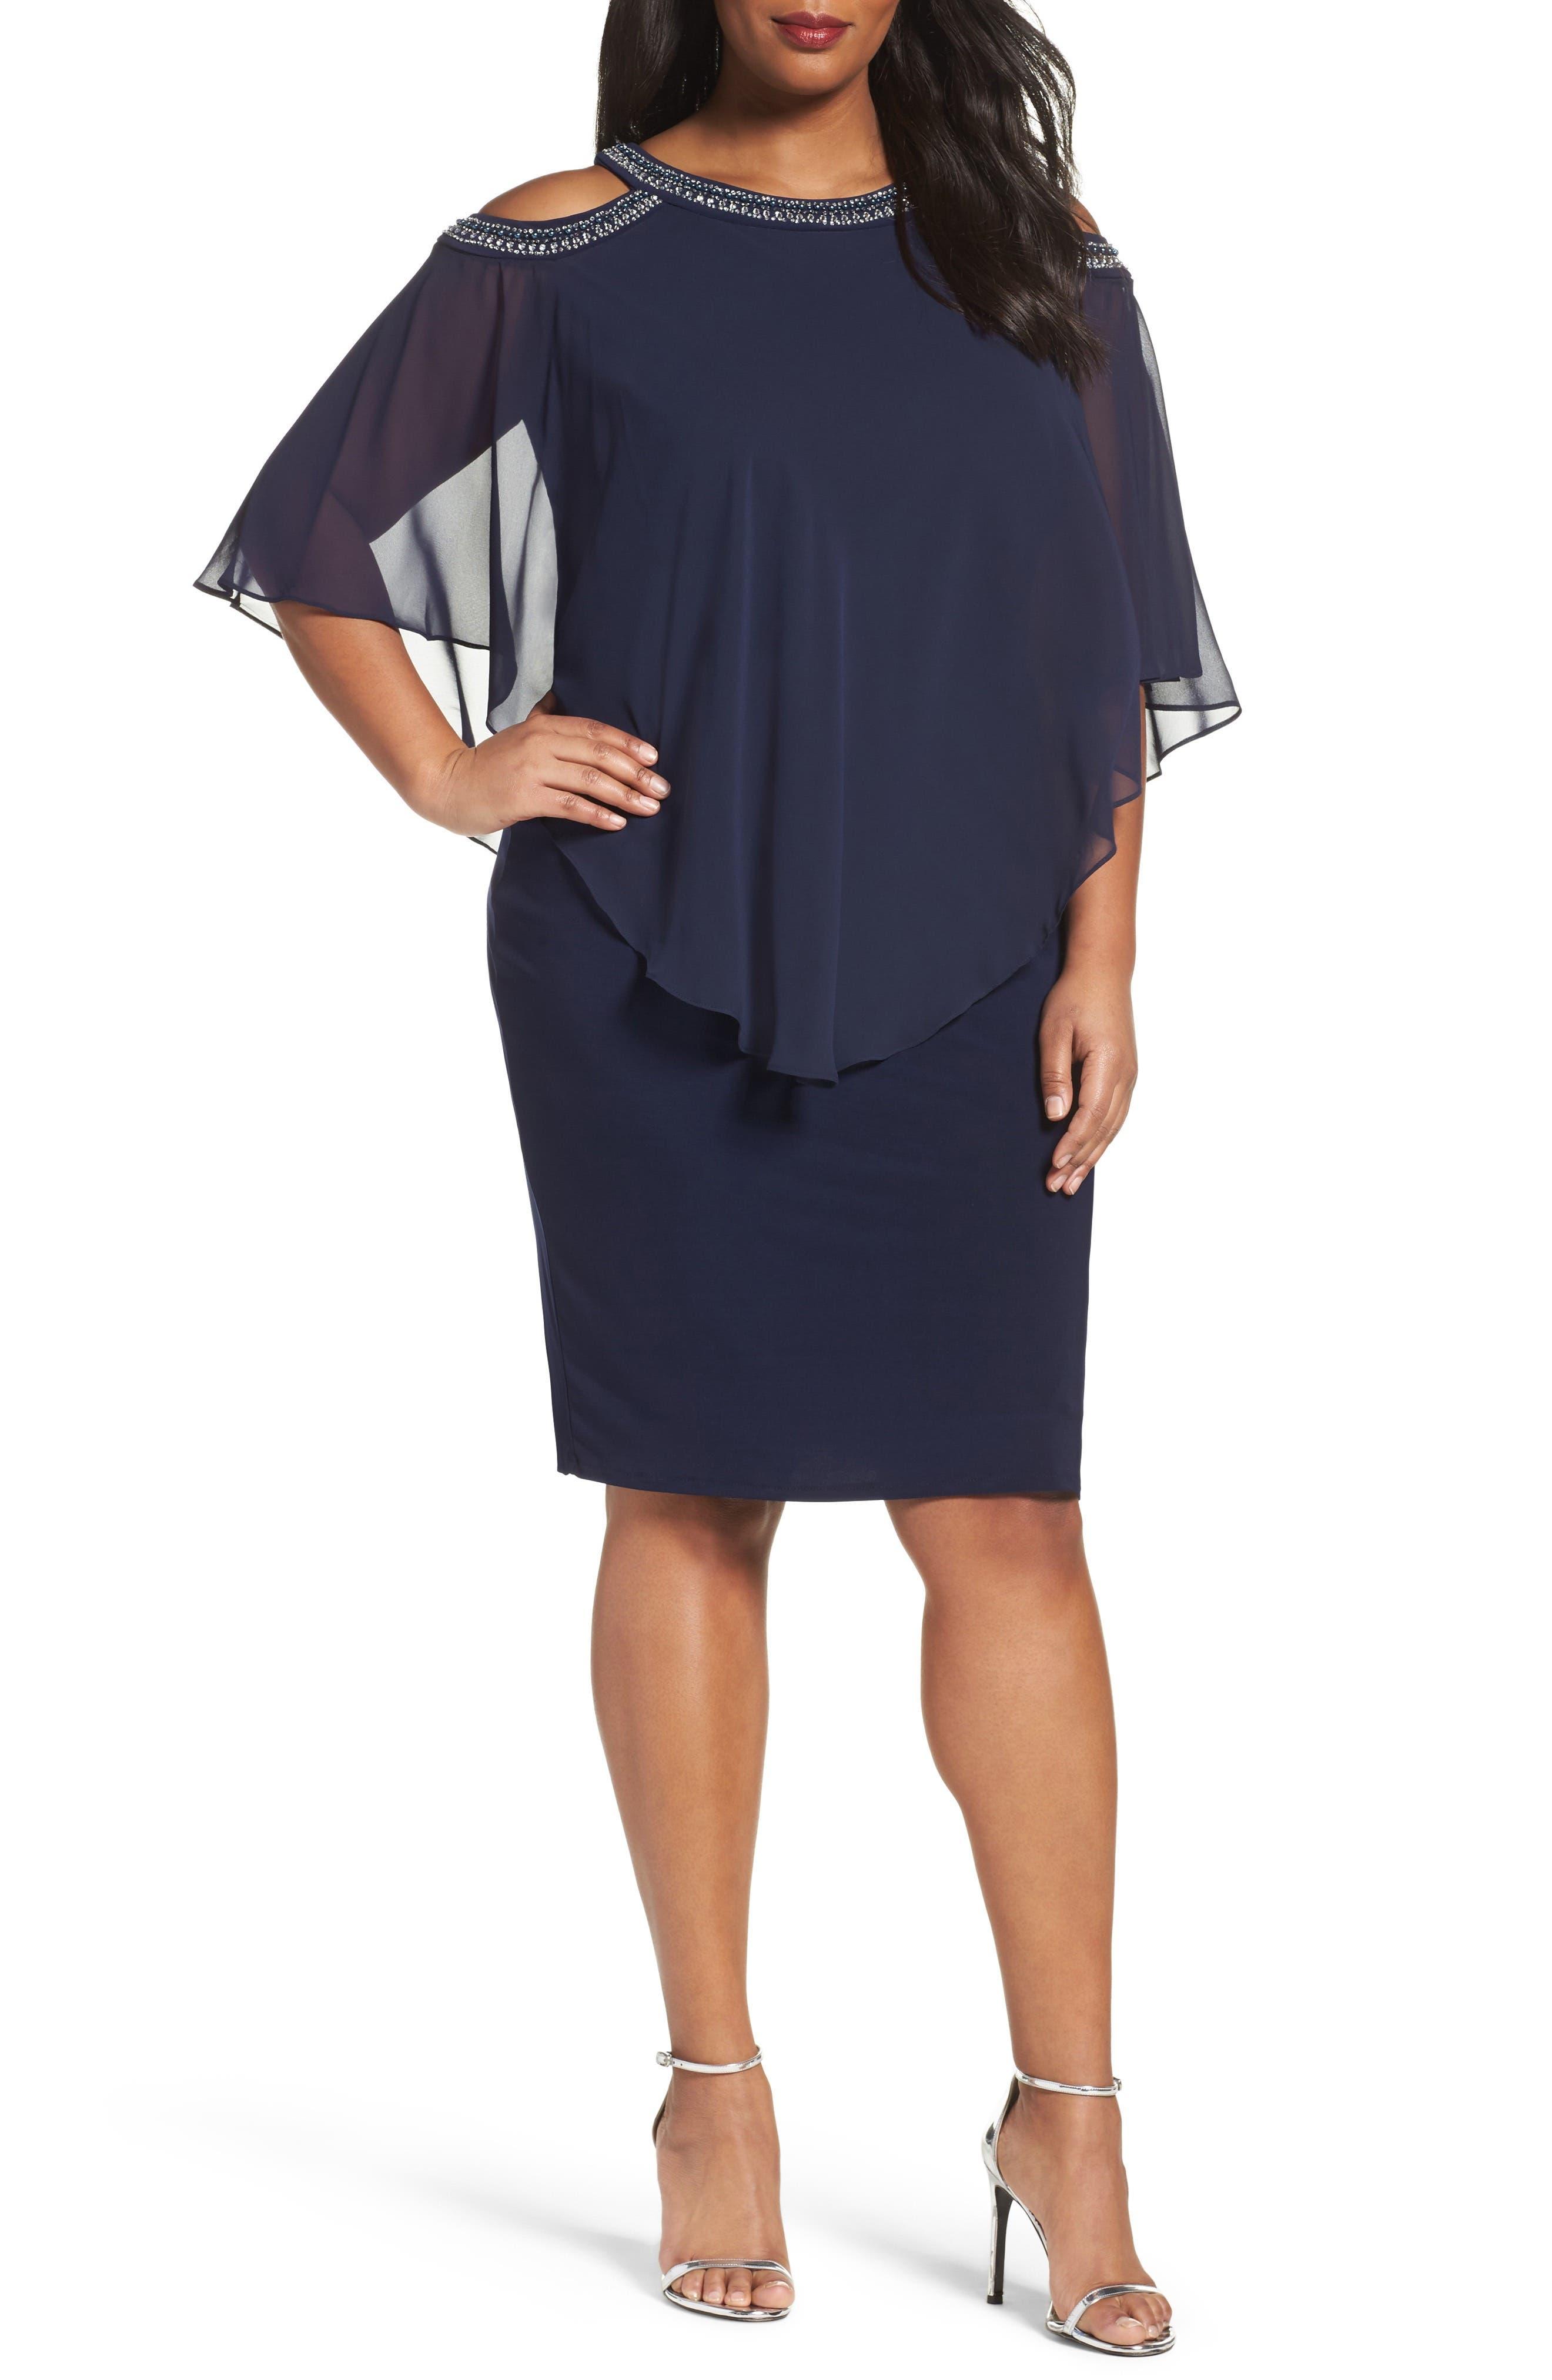 Plus Size Alex Evenings Embellished Cold Shoulder Overlay Cocktail Dress, Blue